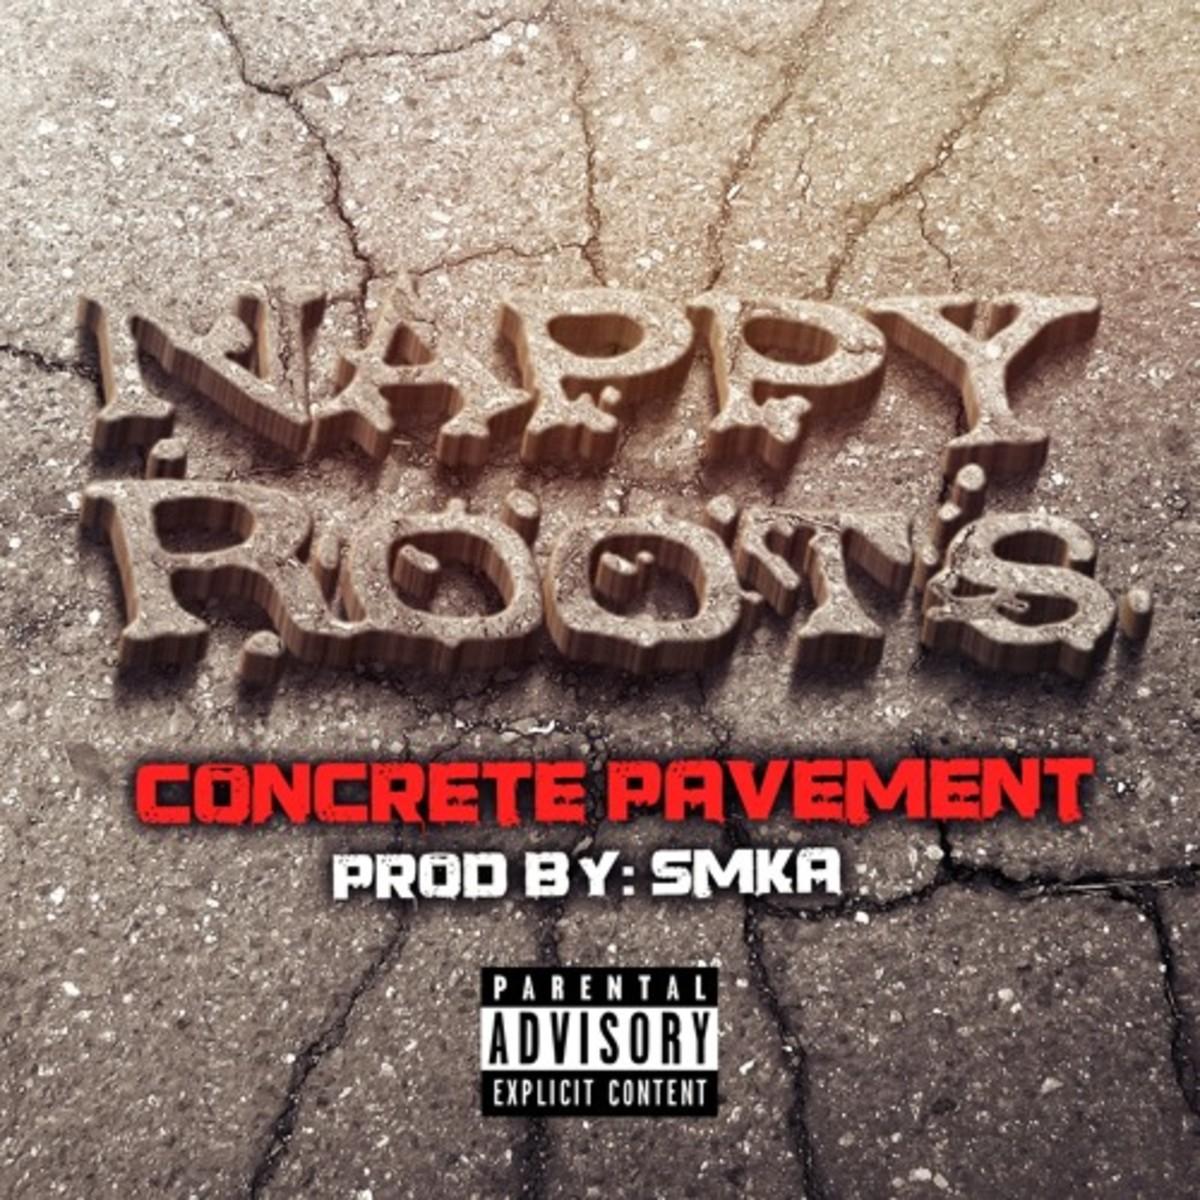 nappy-roots-concrete-pavement.jpg